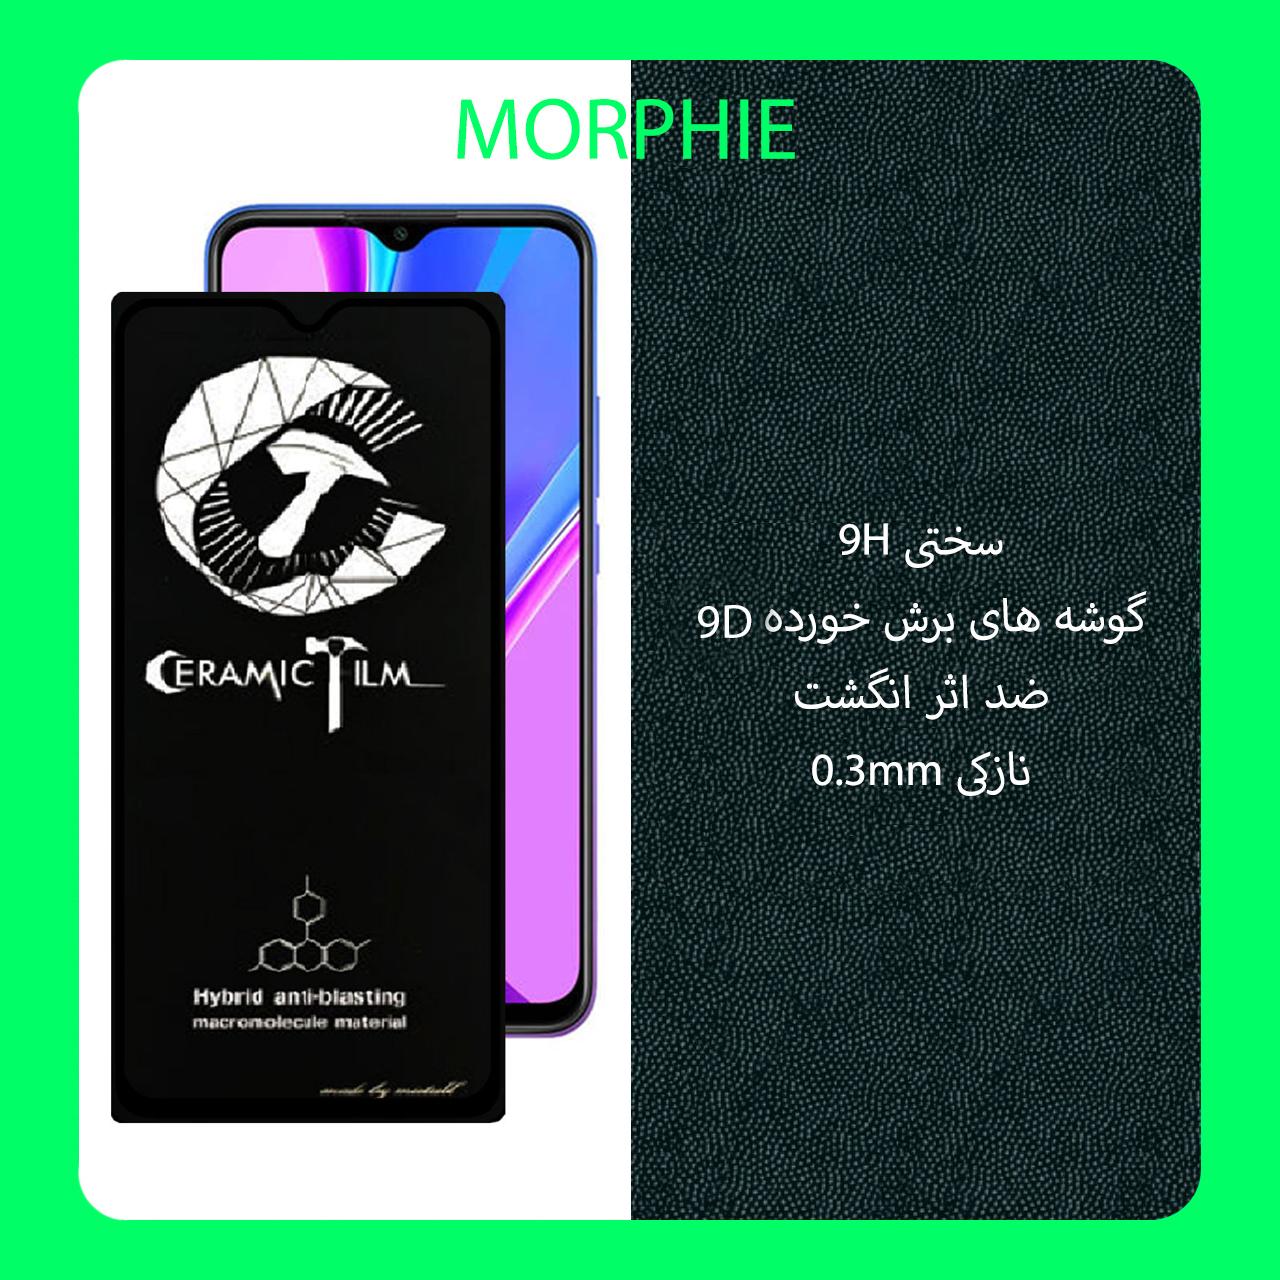 محافظ صفحه نمایش سرامیکی مورفی مدل MEIC مناسب برای گوشی موبایل شیائومی Redmi 9